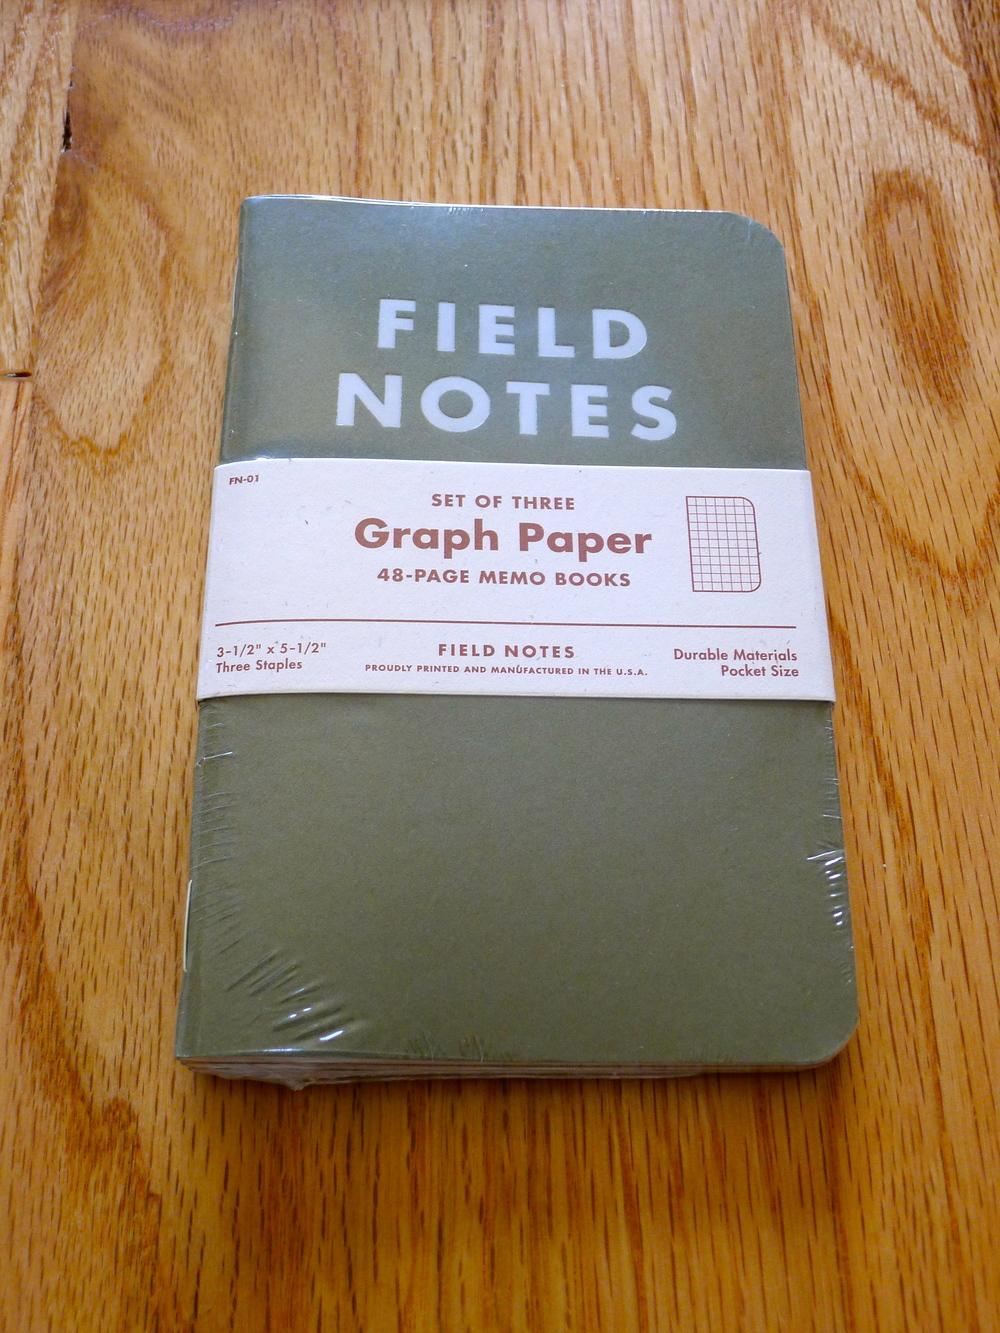 Field Notes Balsam Fir - Winter 2010